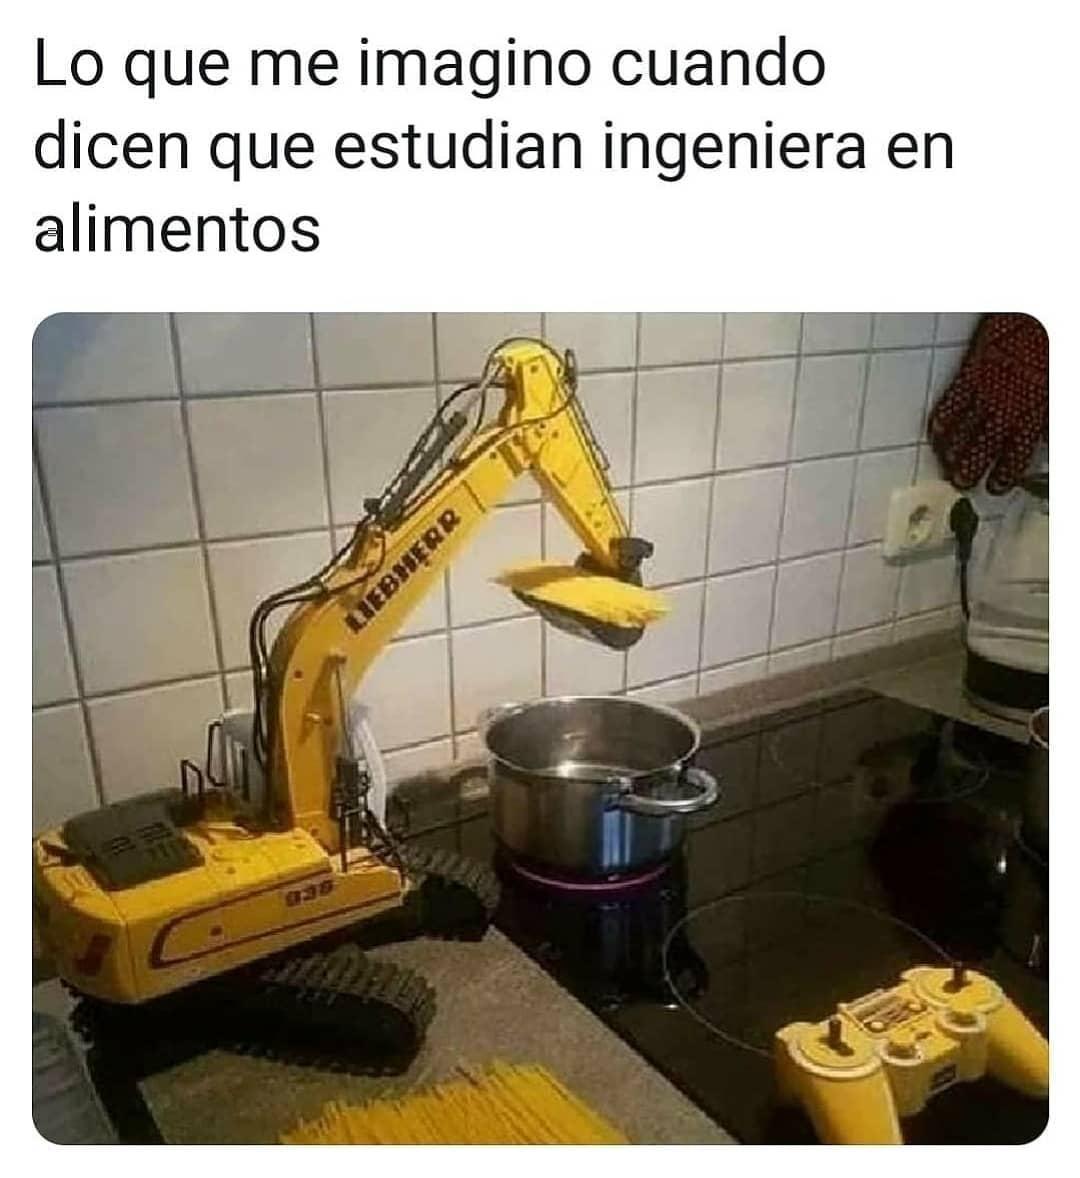 Lo que me imagino cuando dicen que estudian Ingeniería en Alimentos.